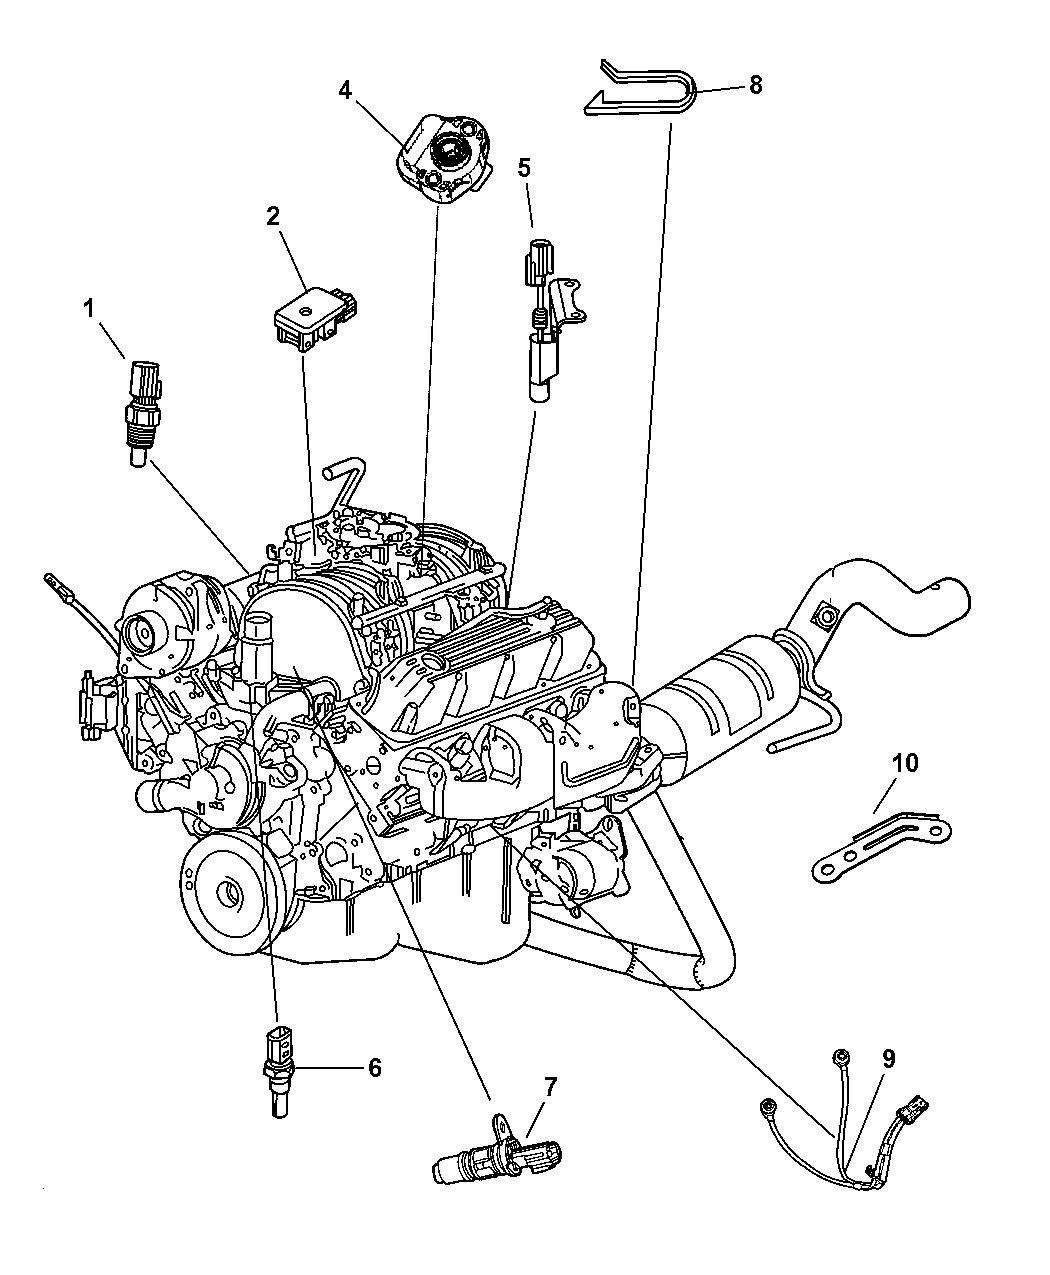 2007 Chrysler Aspen Sensors - Engine - Thumbnail 1